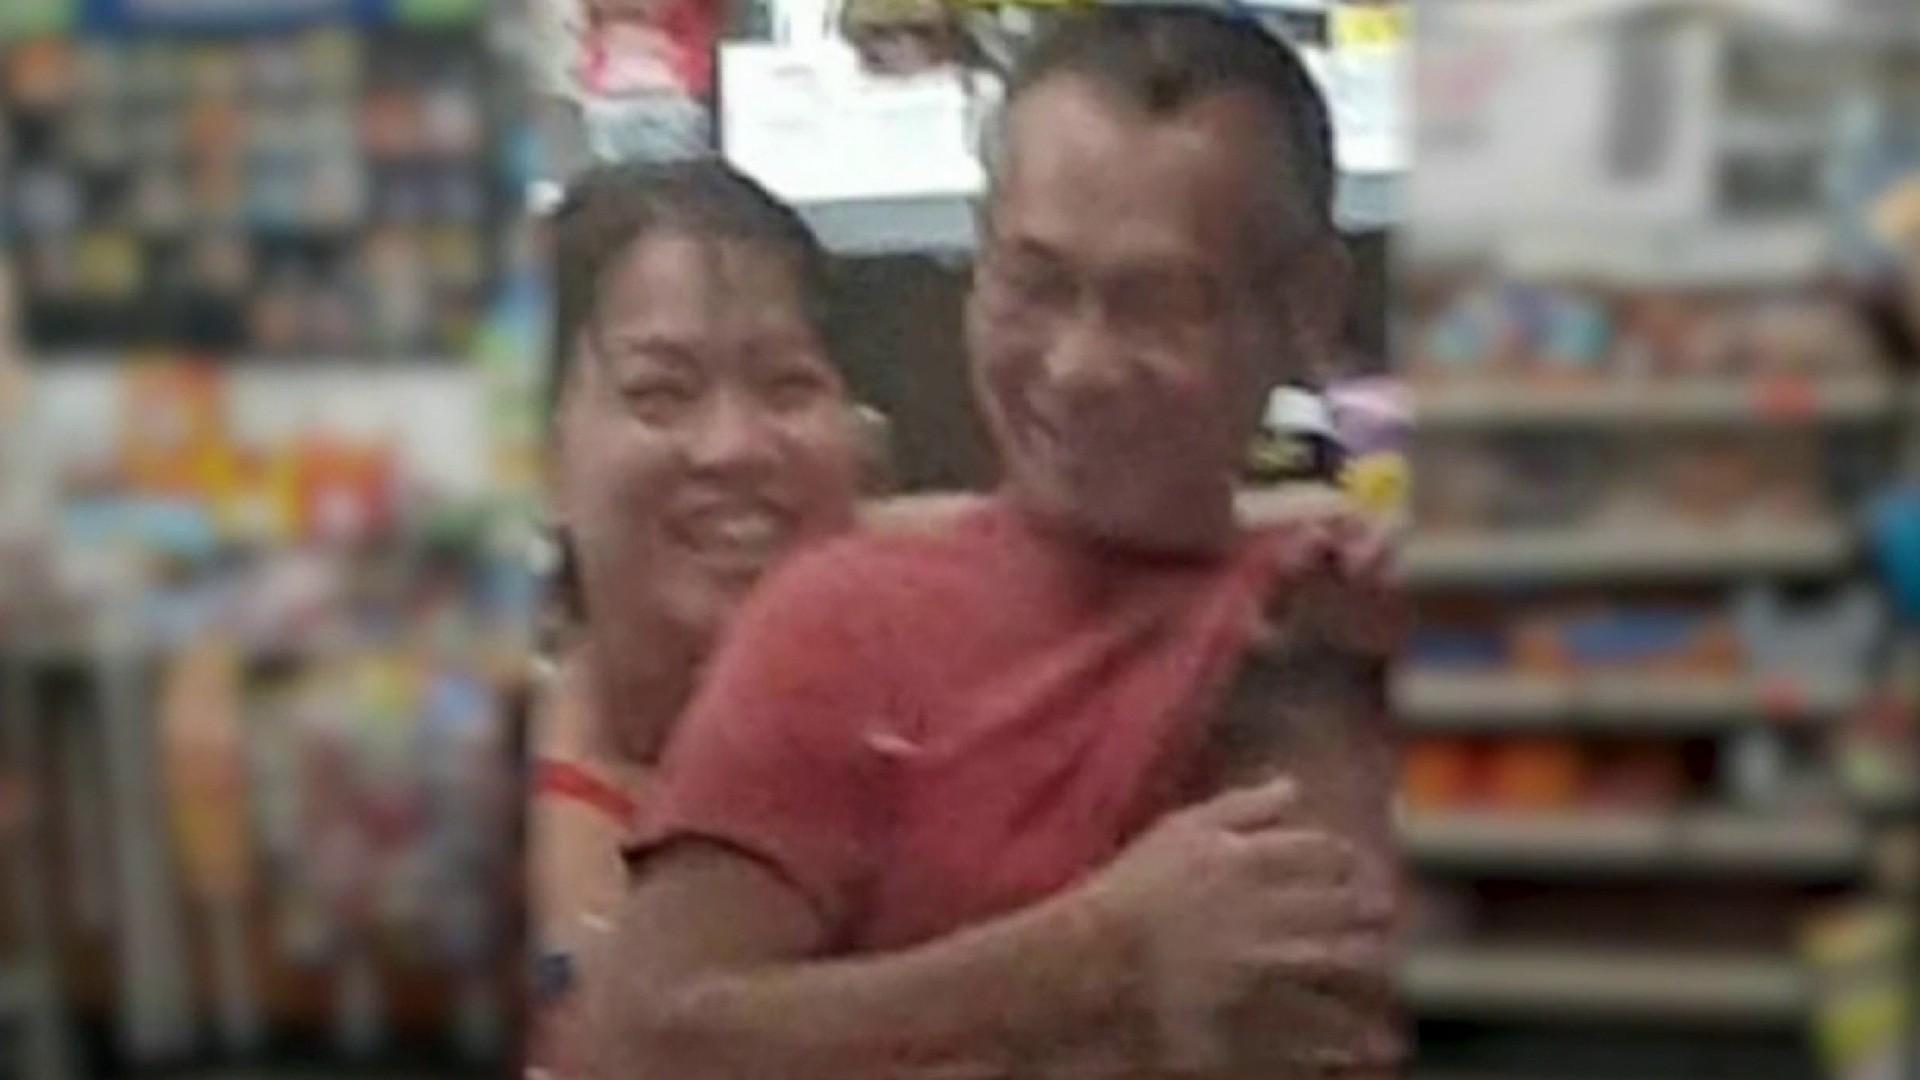 Mỹ bắt 1 bà da đen trong vụ cướp cửa hàng khiến vợ chồng gốc Việt chết T_e566aff496ef45e8b8ce136b3747d3f0_name_image